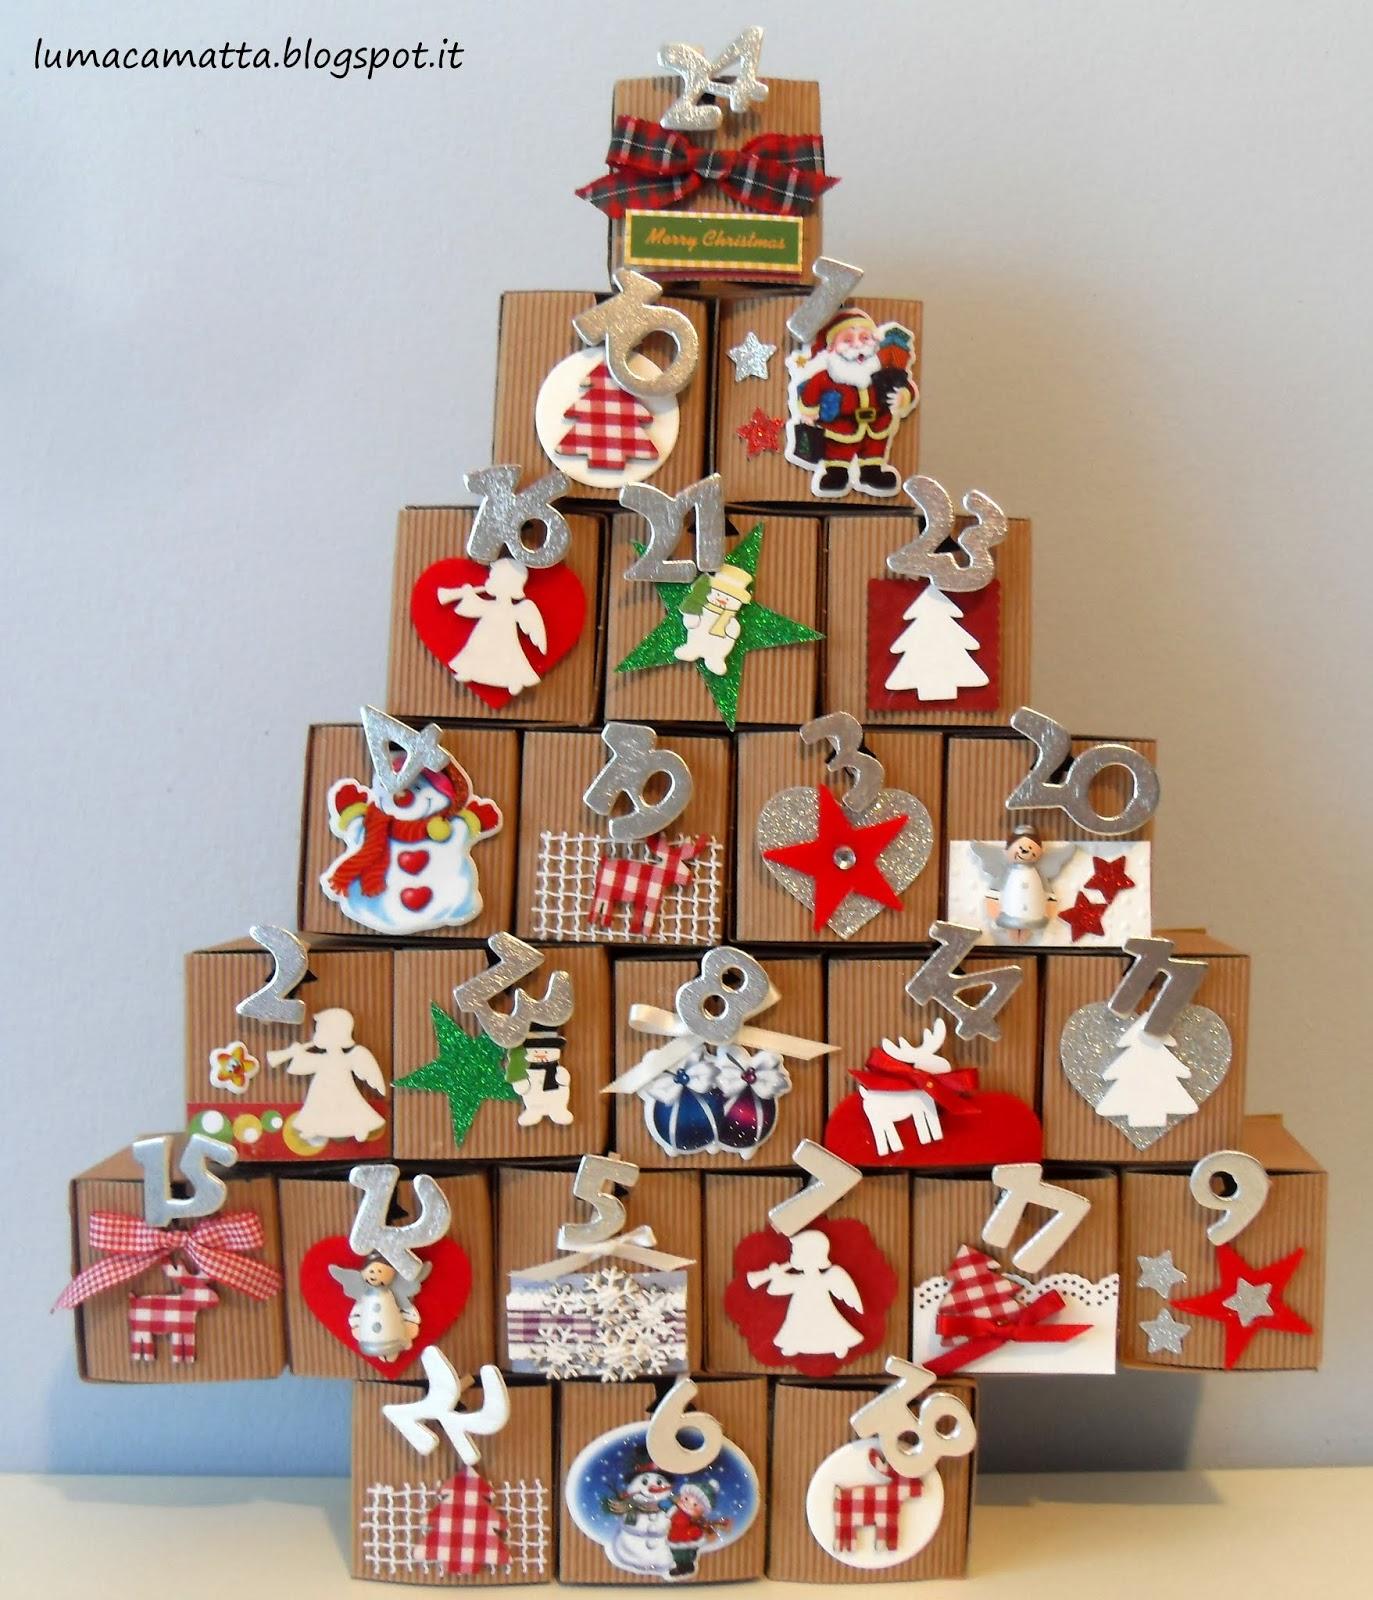 Il Calendario Dellavvento.Lumaca Matta Handmade With Love Calendario Dell Avvento 2013